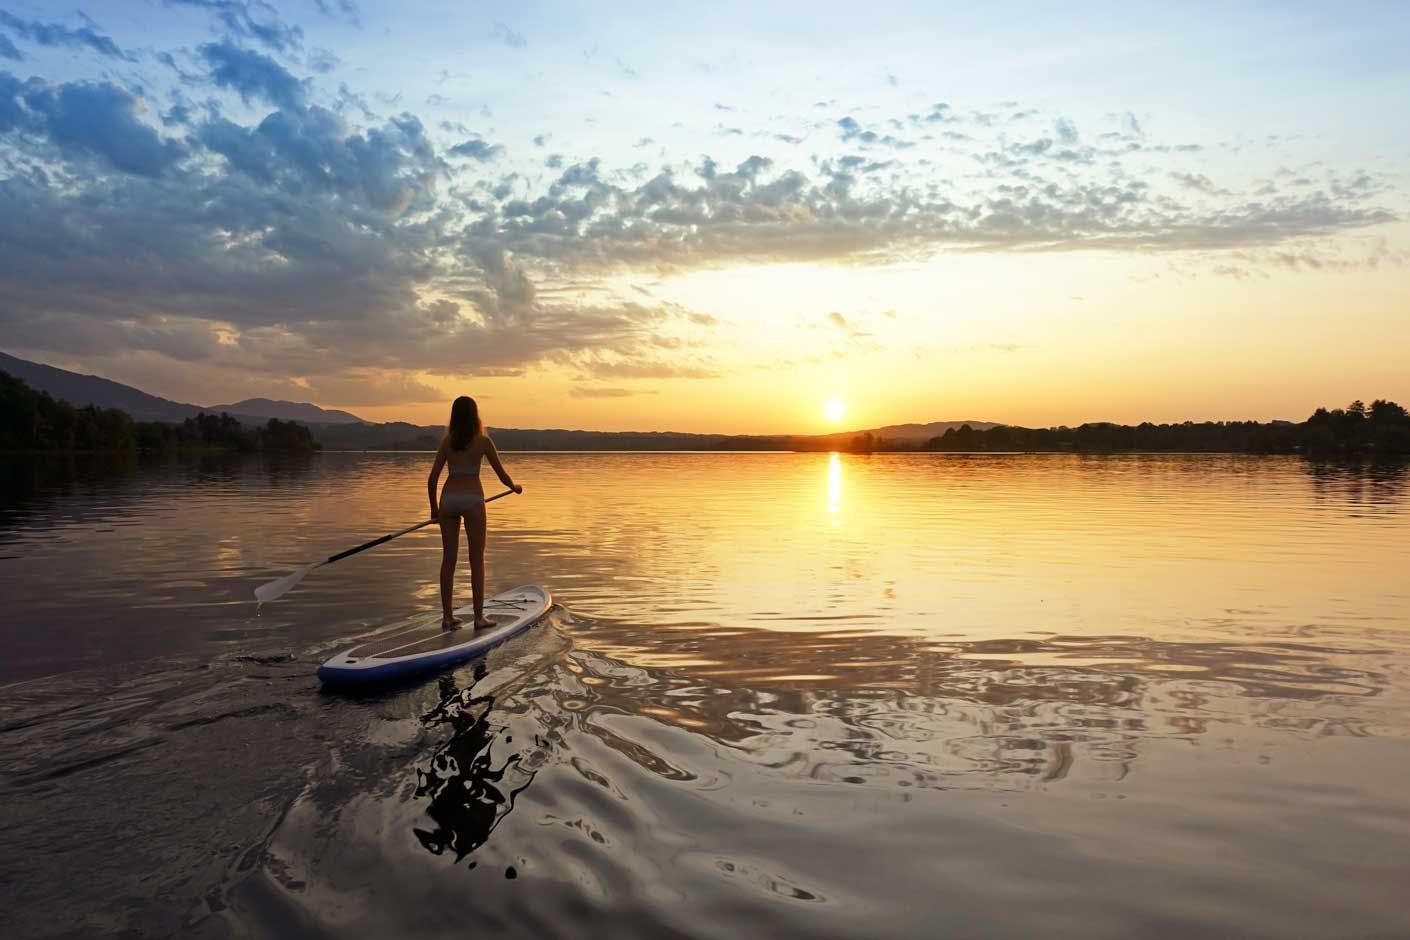 Stand Up Paddle Board ausleihen oder kaufen: SUP im Sonnenuntergang